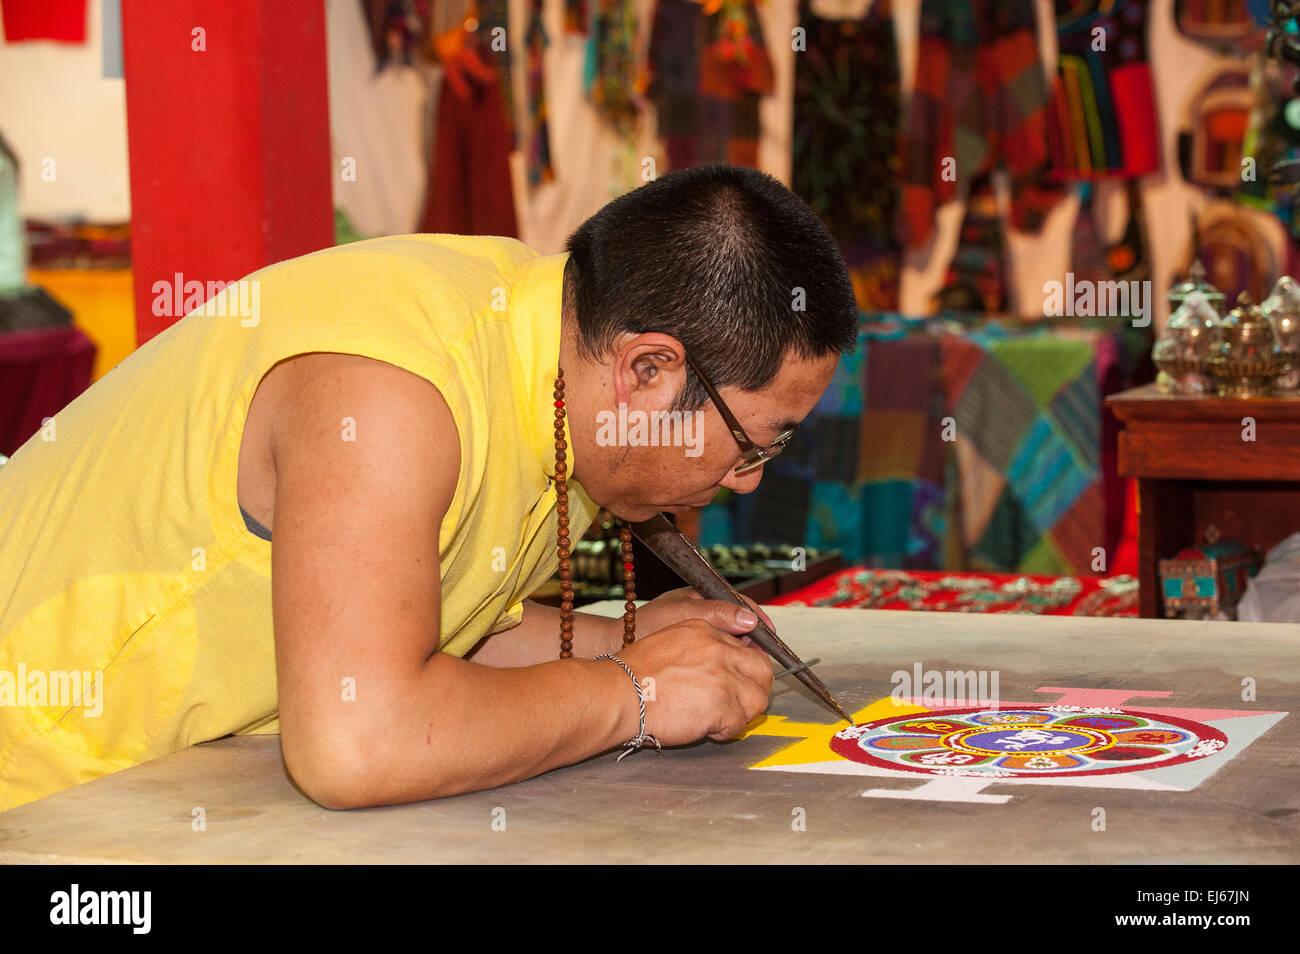 Turín, Italia. El 22 de marzo de 2015. Feria de Lingotto 'Festival dell'Oriente' desde el 20 hasta el 22 de marzo de 2015 y del 27 al 30 de marzo de 2015 - 20 de marzo de 2015 -mandala tibetano Crédito: Realmente fácil Star/Alamy Live News Foto de stock